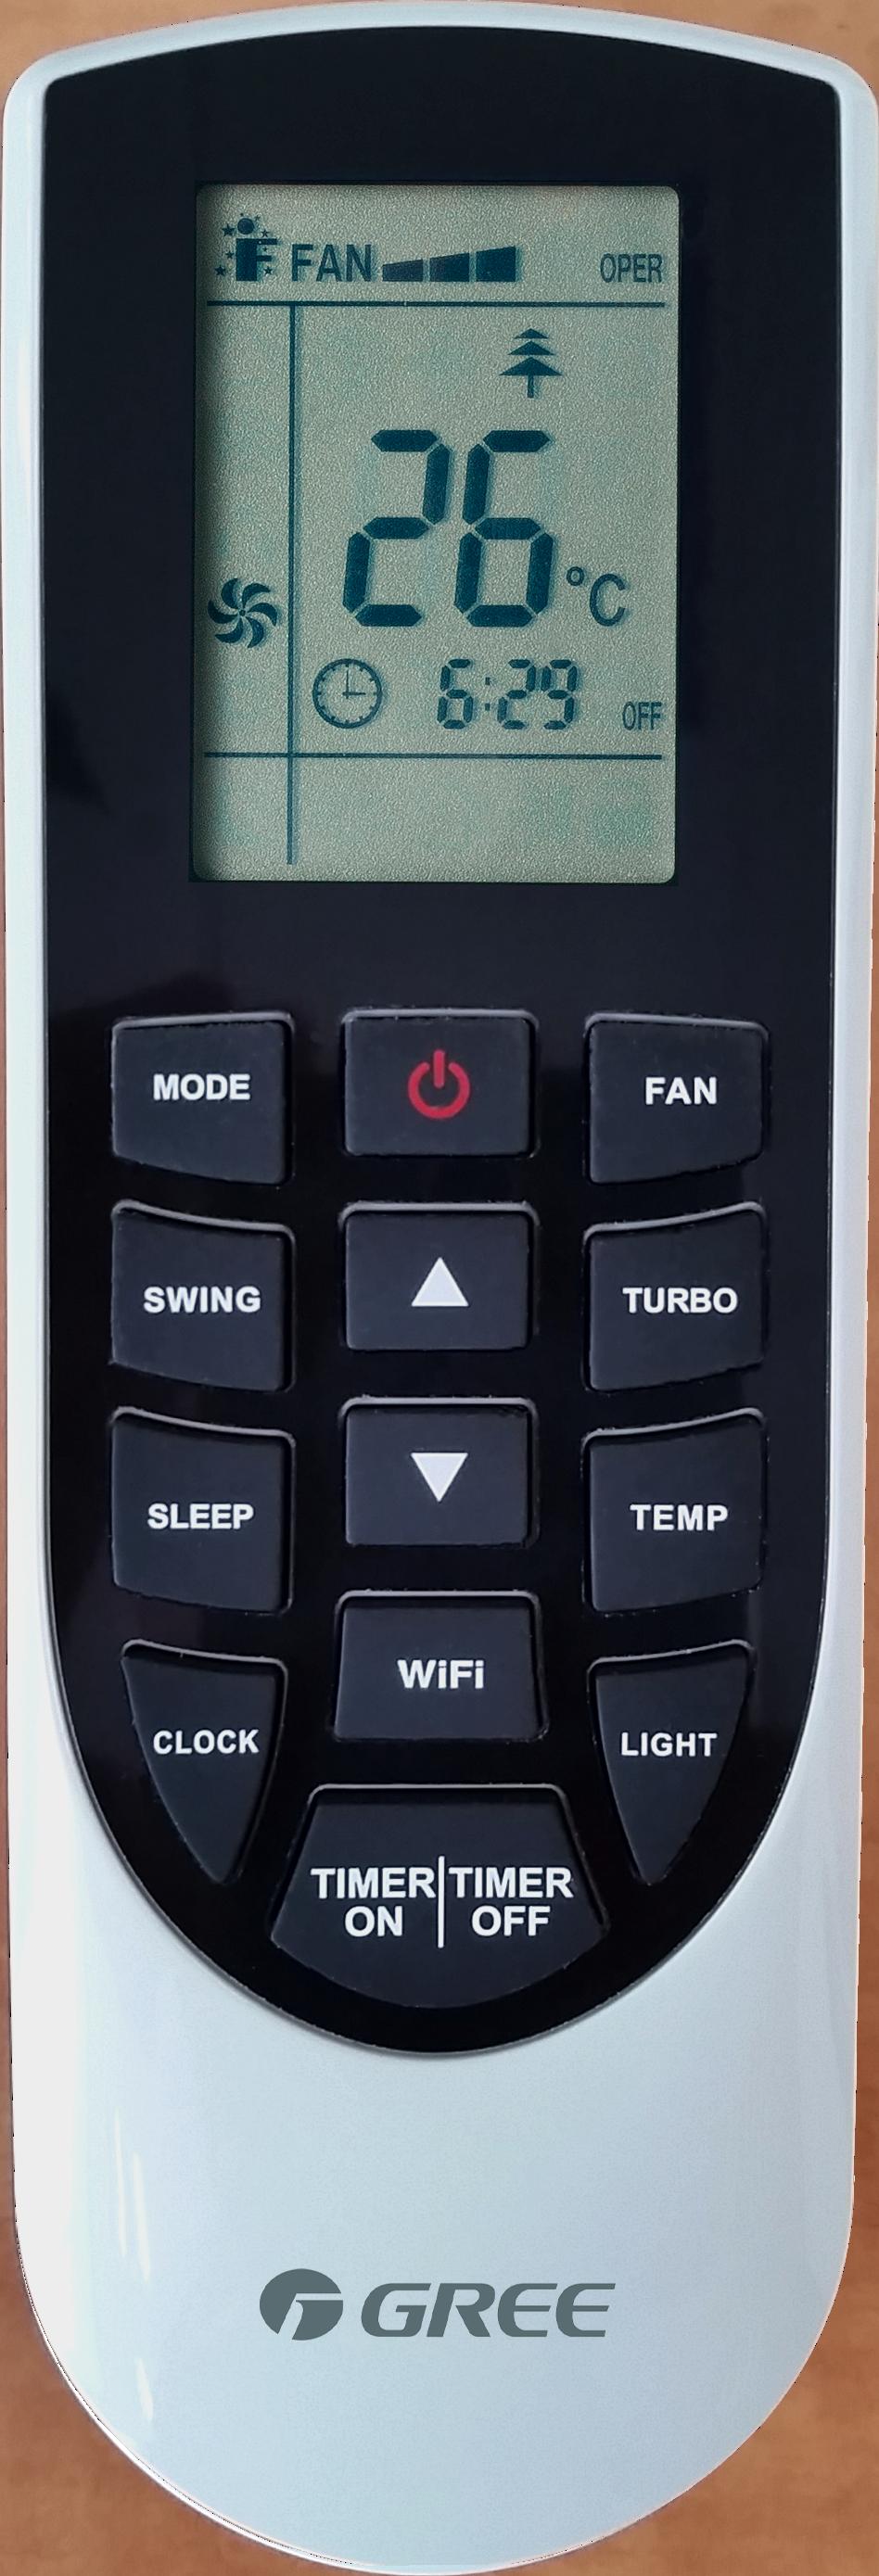 gree_wall-mounted_lomo_remote-controller YAN1F6(WiFi)